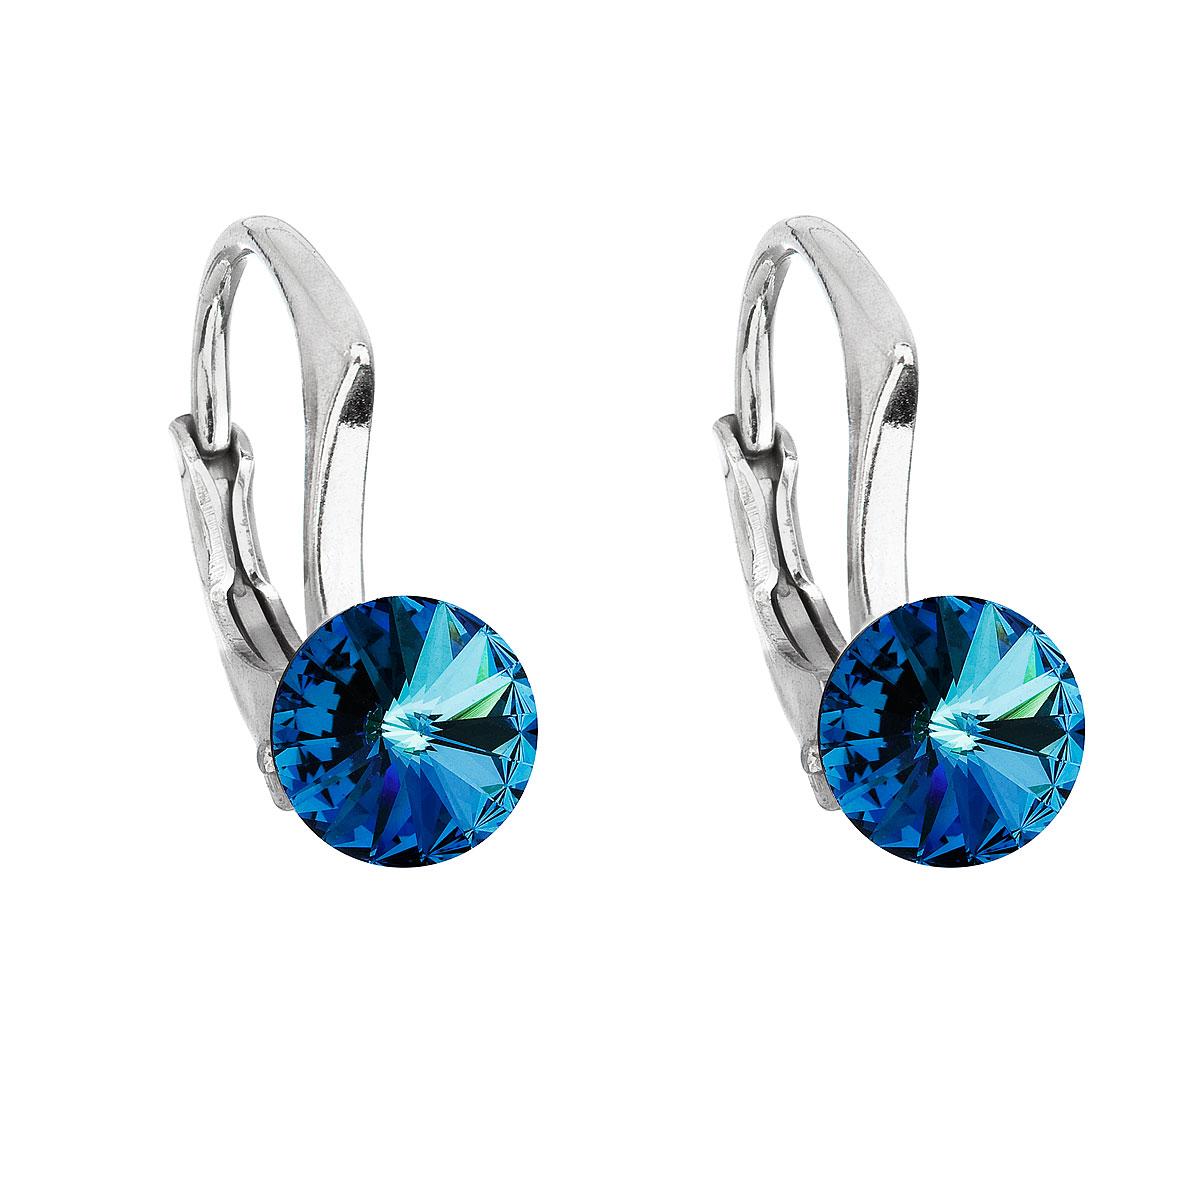 Evolution Group Stříbrné náušnice visací s krystaly Swarovski modré kulaté 31230.5 bermuda blue